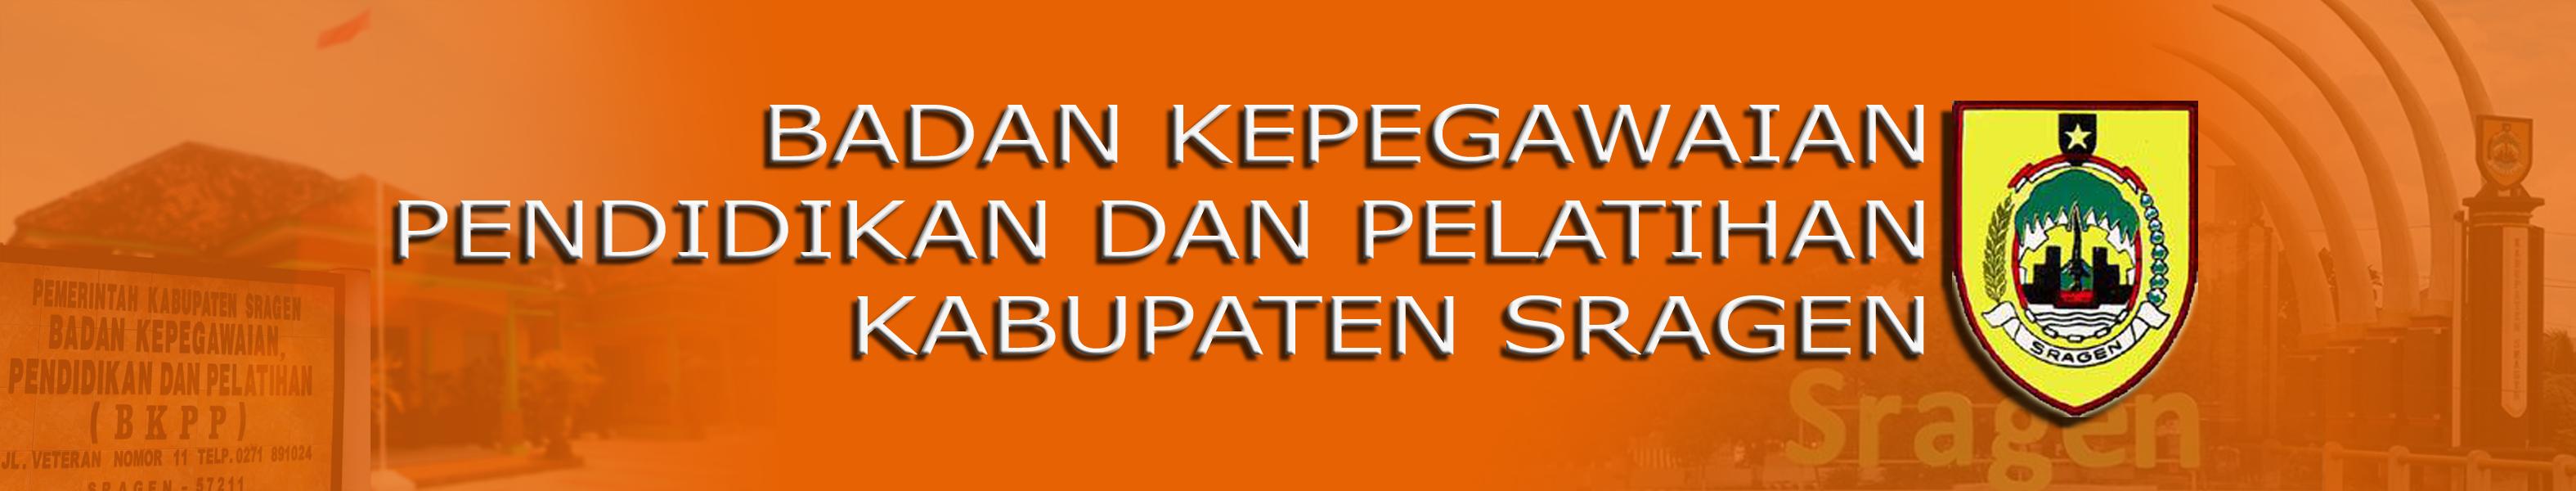 BKPP SRAGEN